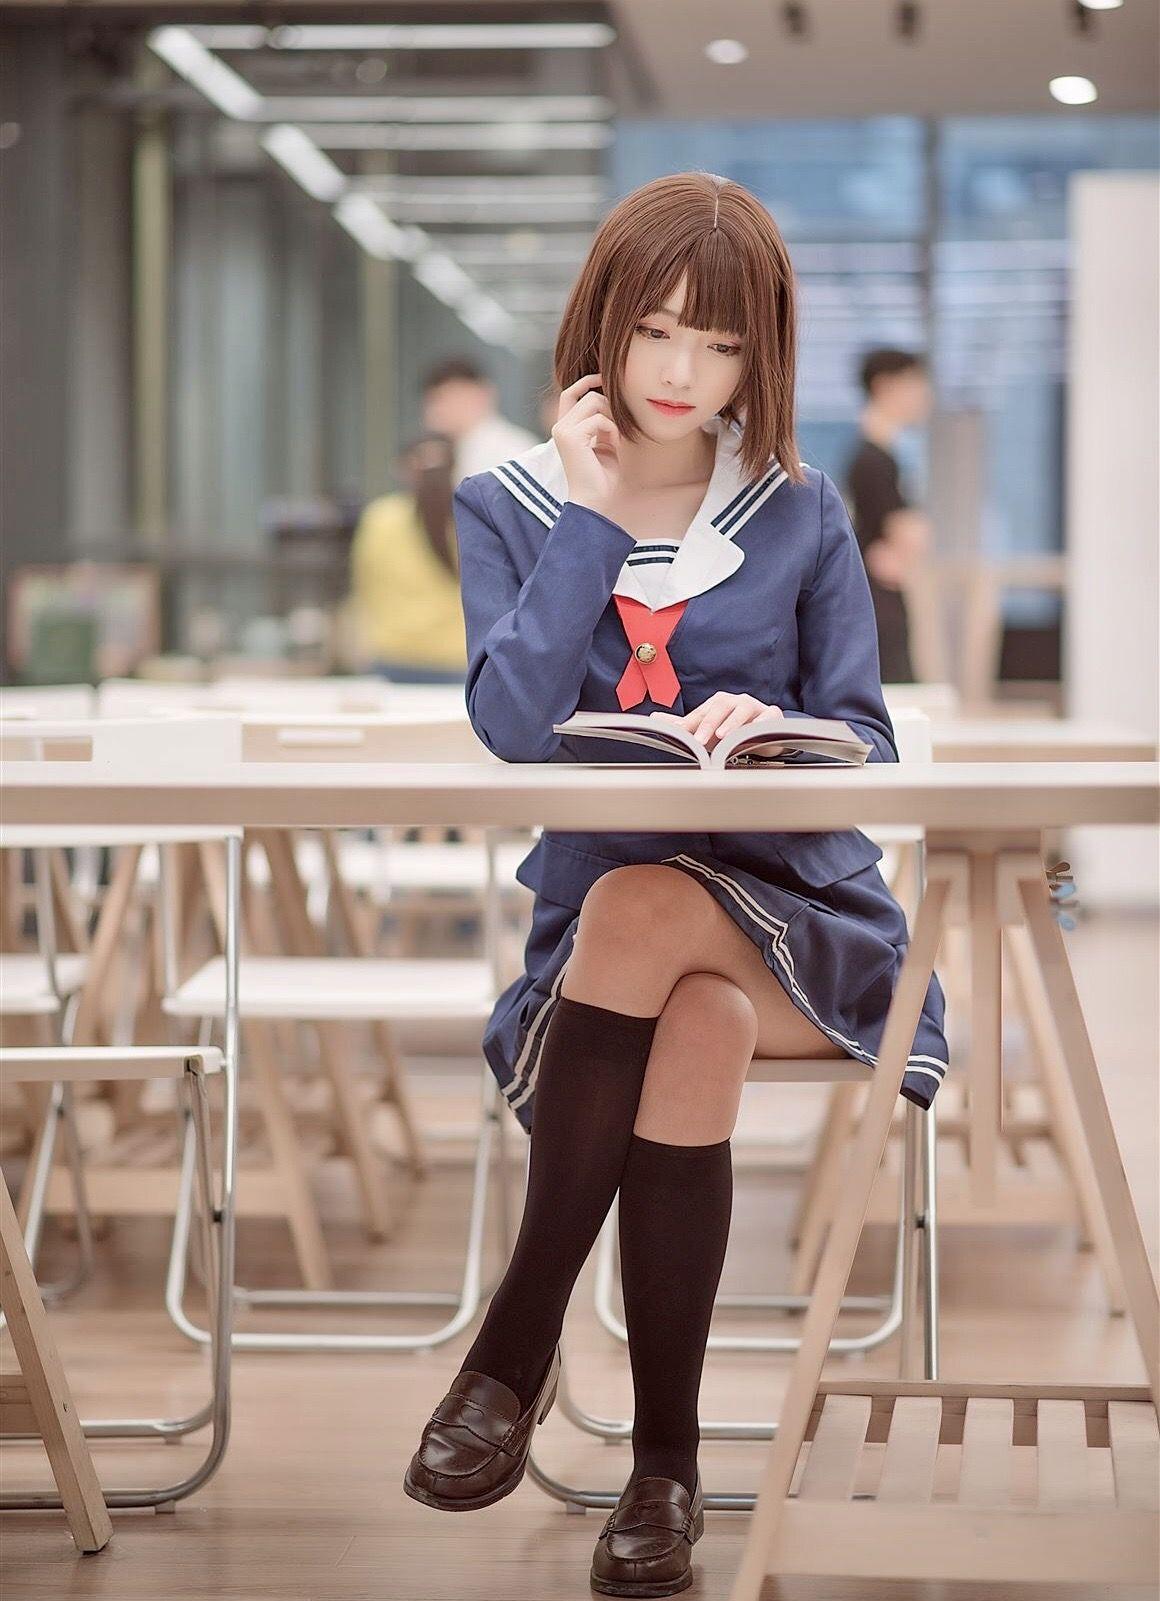 水手服美少女 #水手服 #制服美少女》#Cute #Girl #Pretty #Girls #漂亮 #可愛 #青春活力